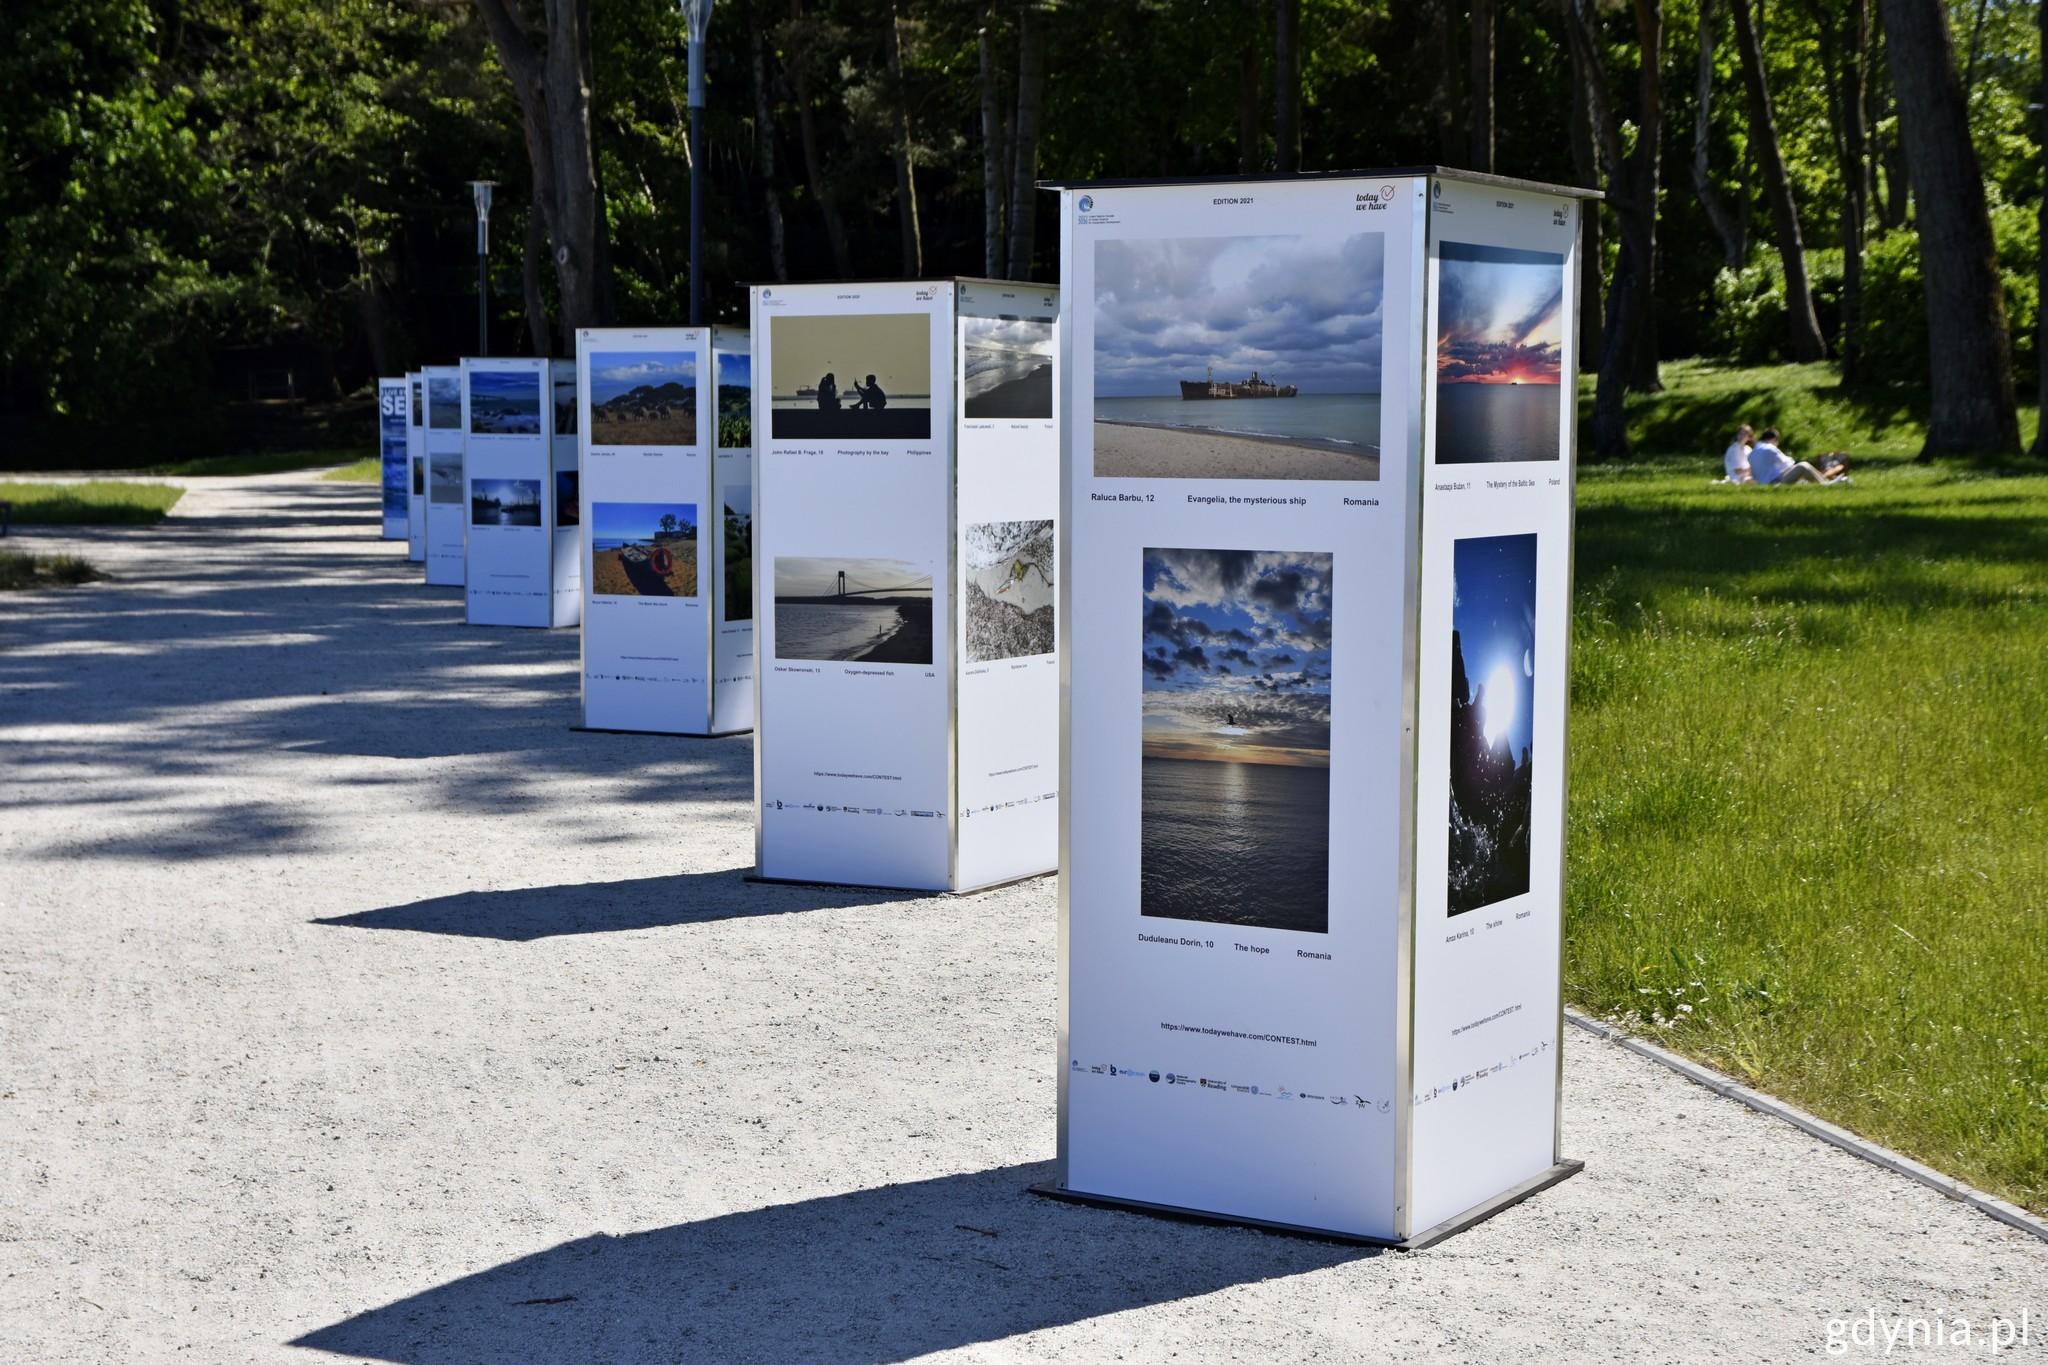 Wystawa fotografii konkursowych I live by the Sea na bulwarze w Gdyni, fot. Paweł Kukla